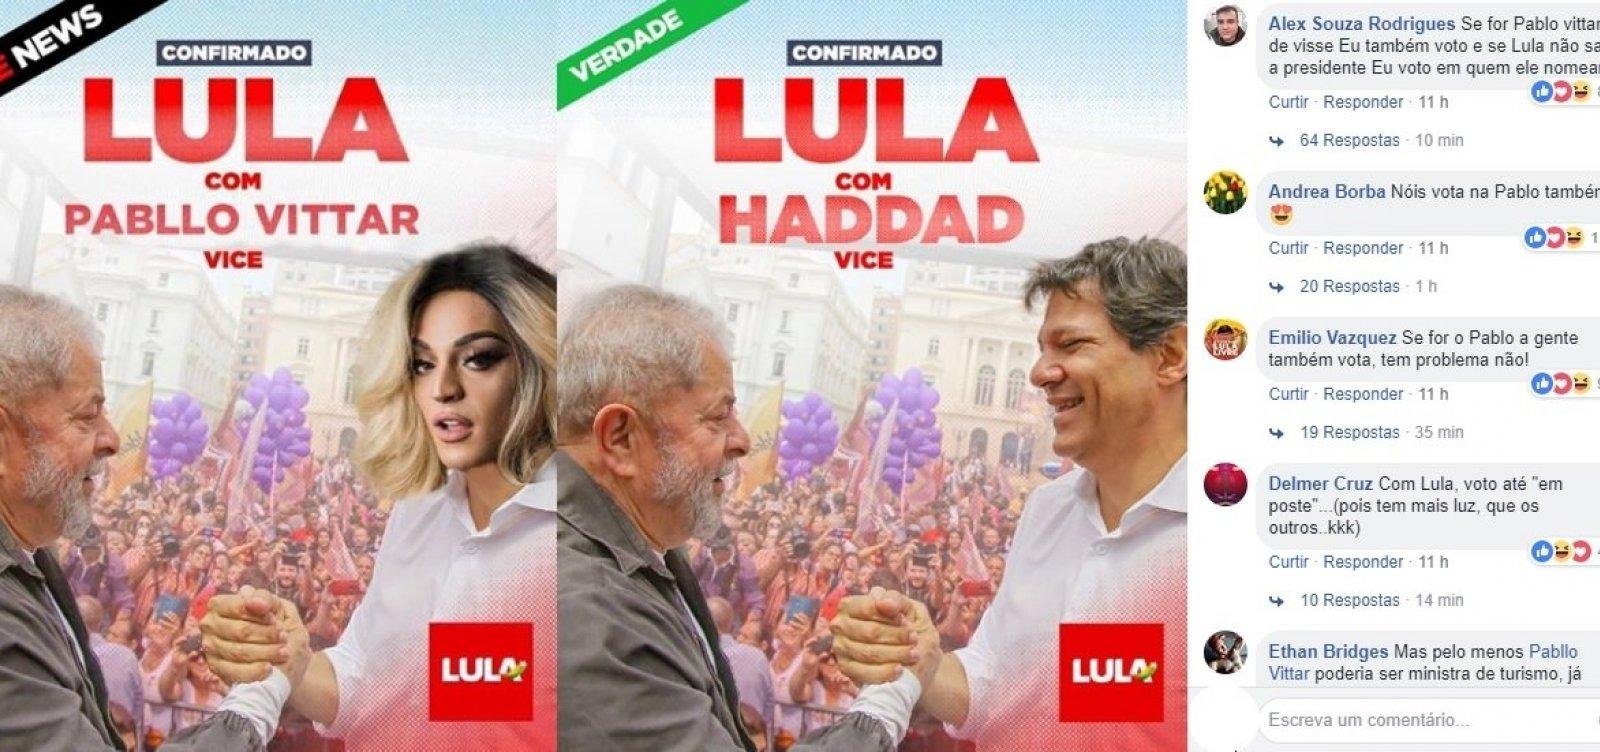 ['Agora foi longe demais': PT nega que Pabllo Vittar seja vice de Lula]